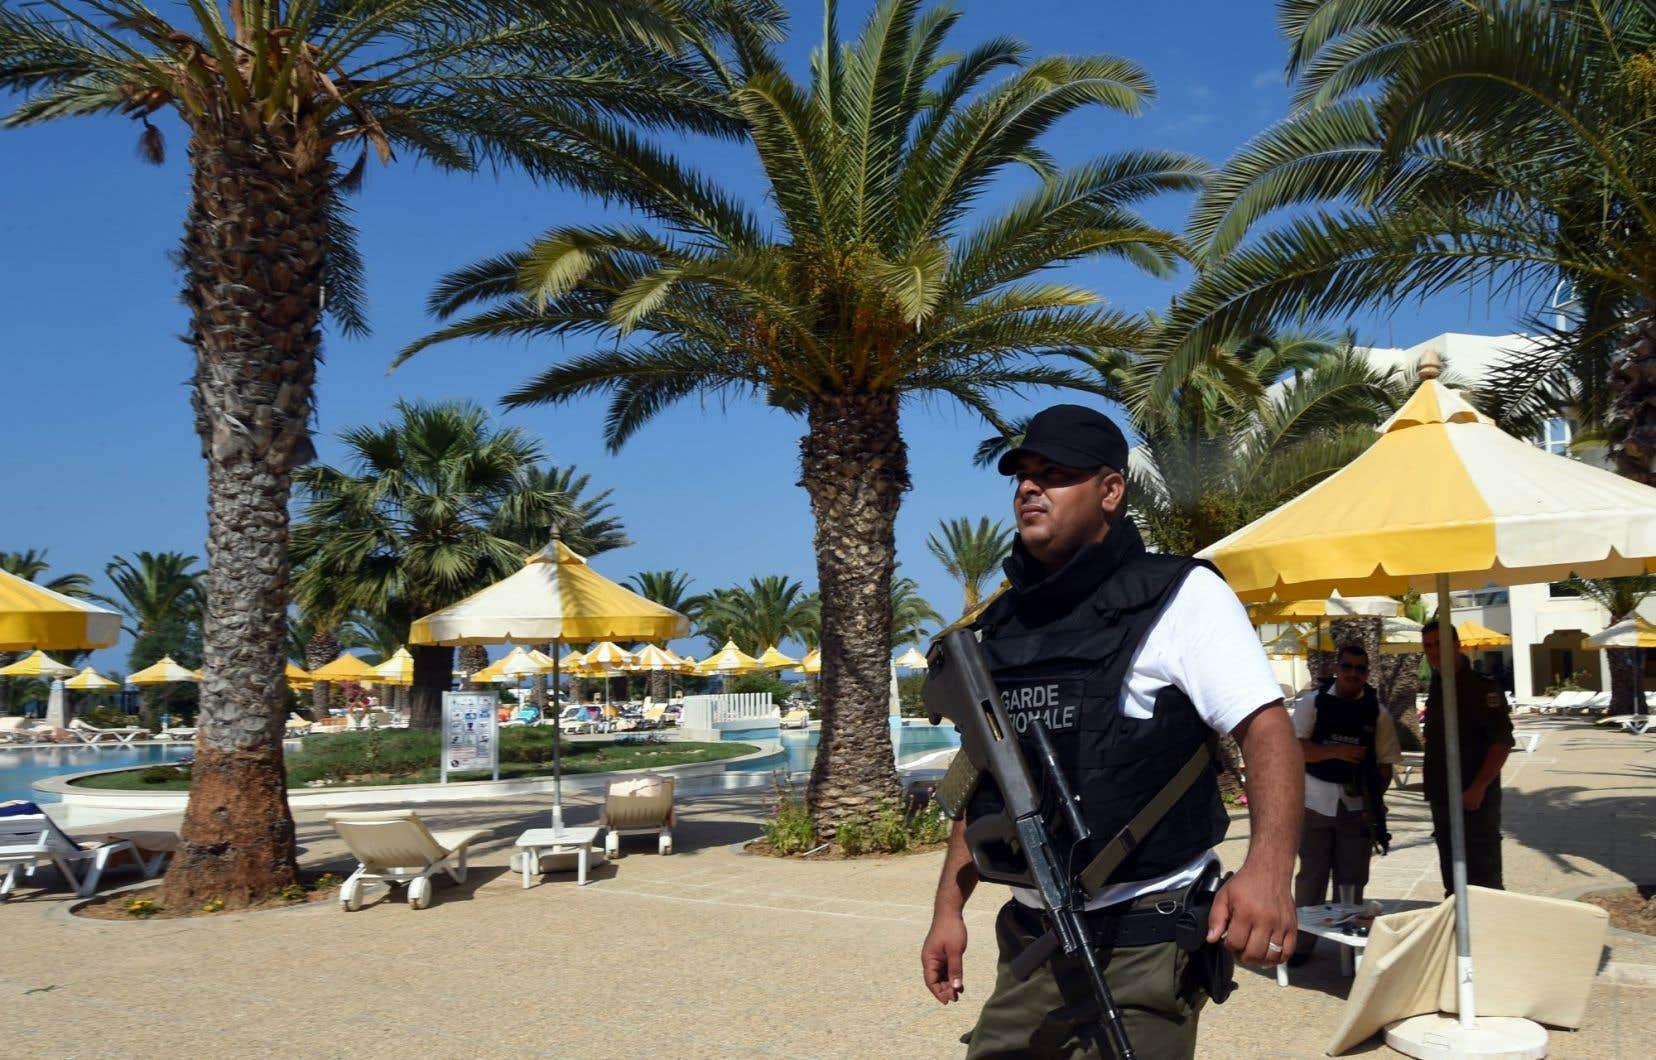 L'attentat survenu vendredi en Tunisie est le plus meurtrier que le pays ait jamais connu.